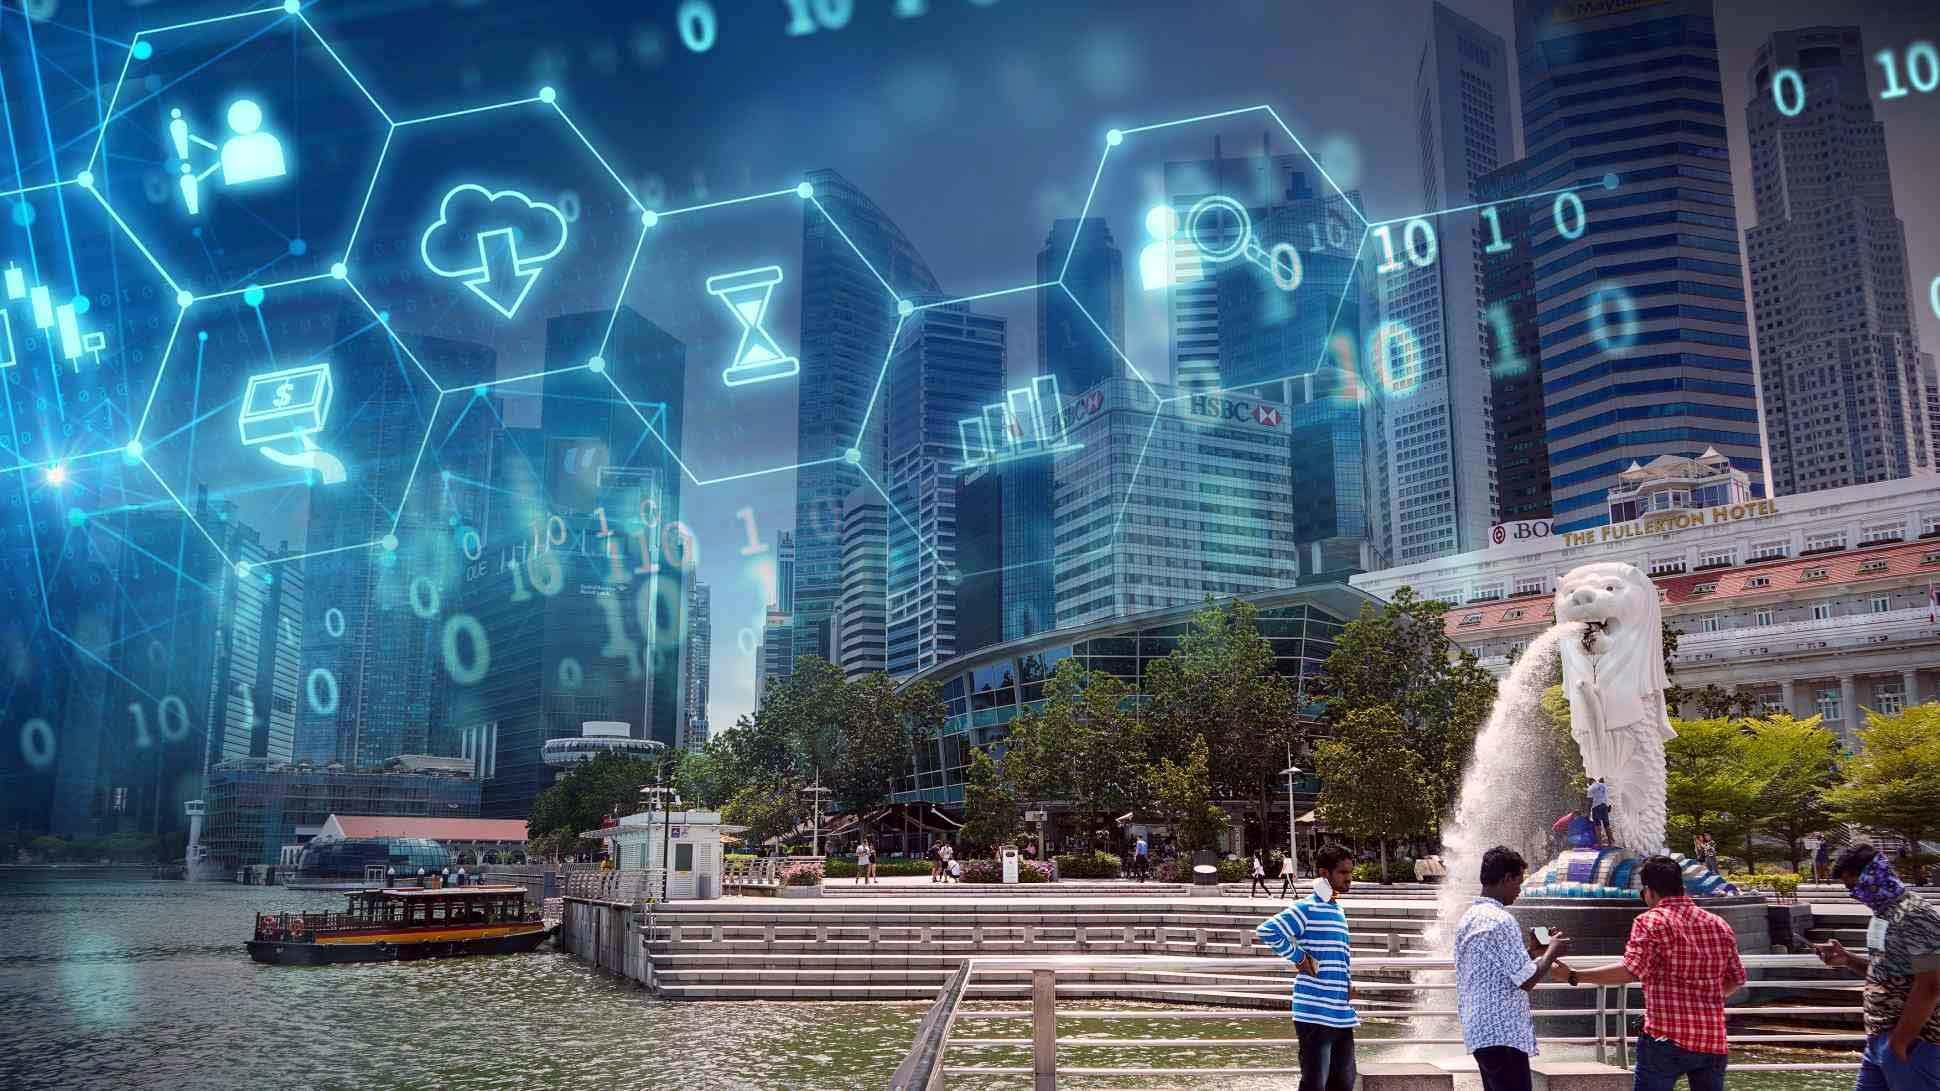 Hành trình Singapore chuyển đổi số xây dựng quốc gia thông minh